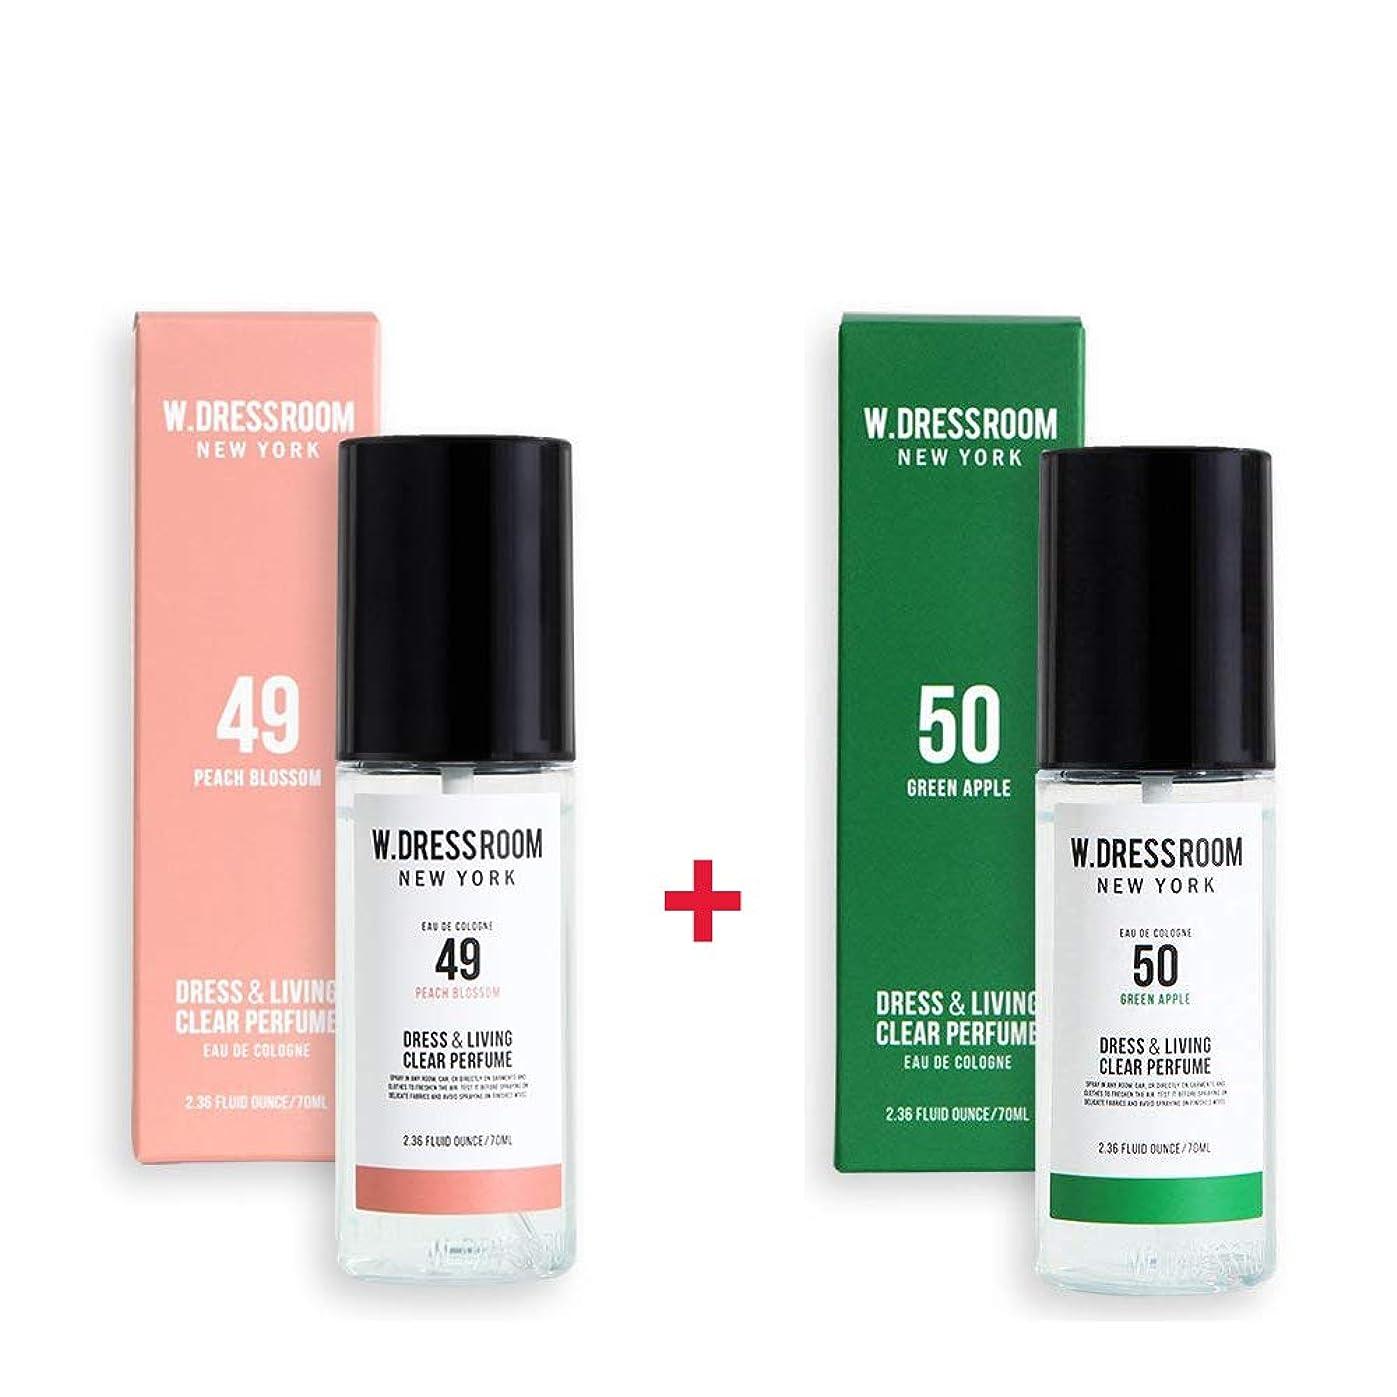 覆すいつかピンチW.DRESSROOM Dress & Living Clear Perfume 70ml (No 49 Peach Blossom)+(No 50 Green Apple)